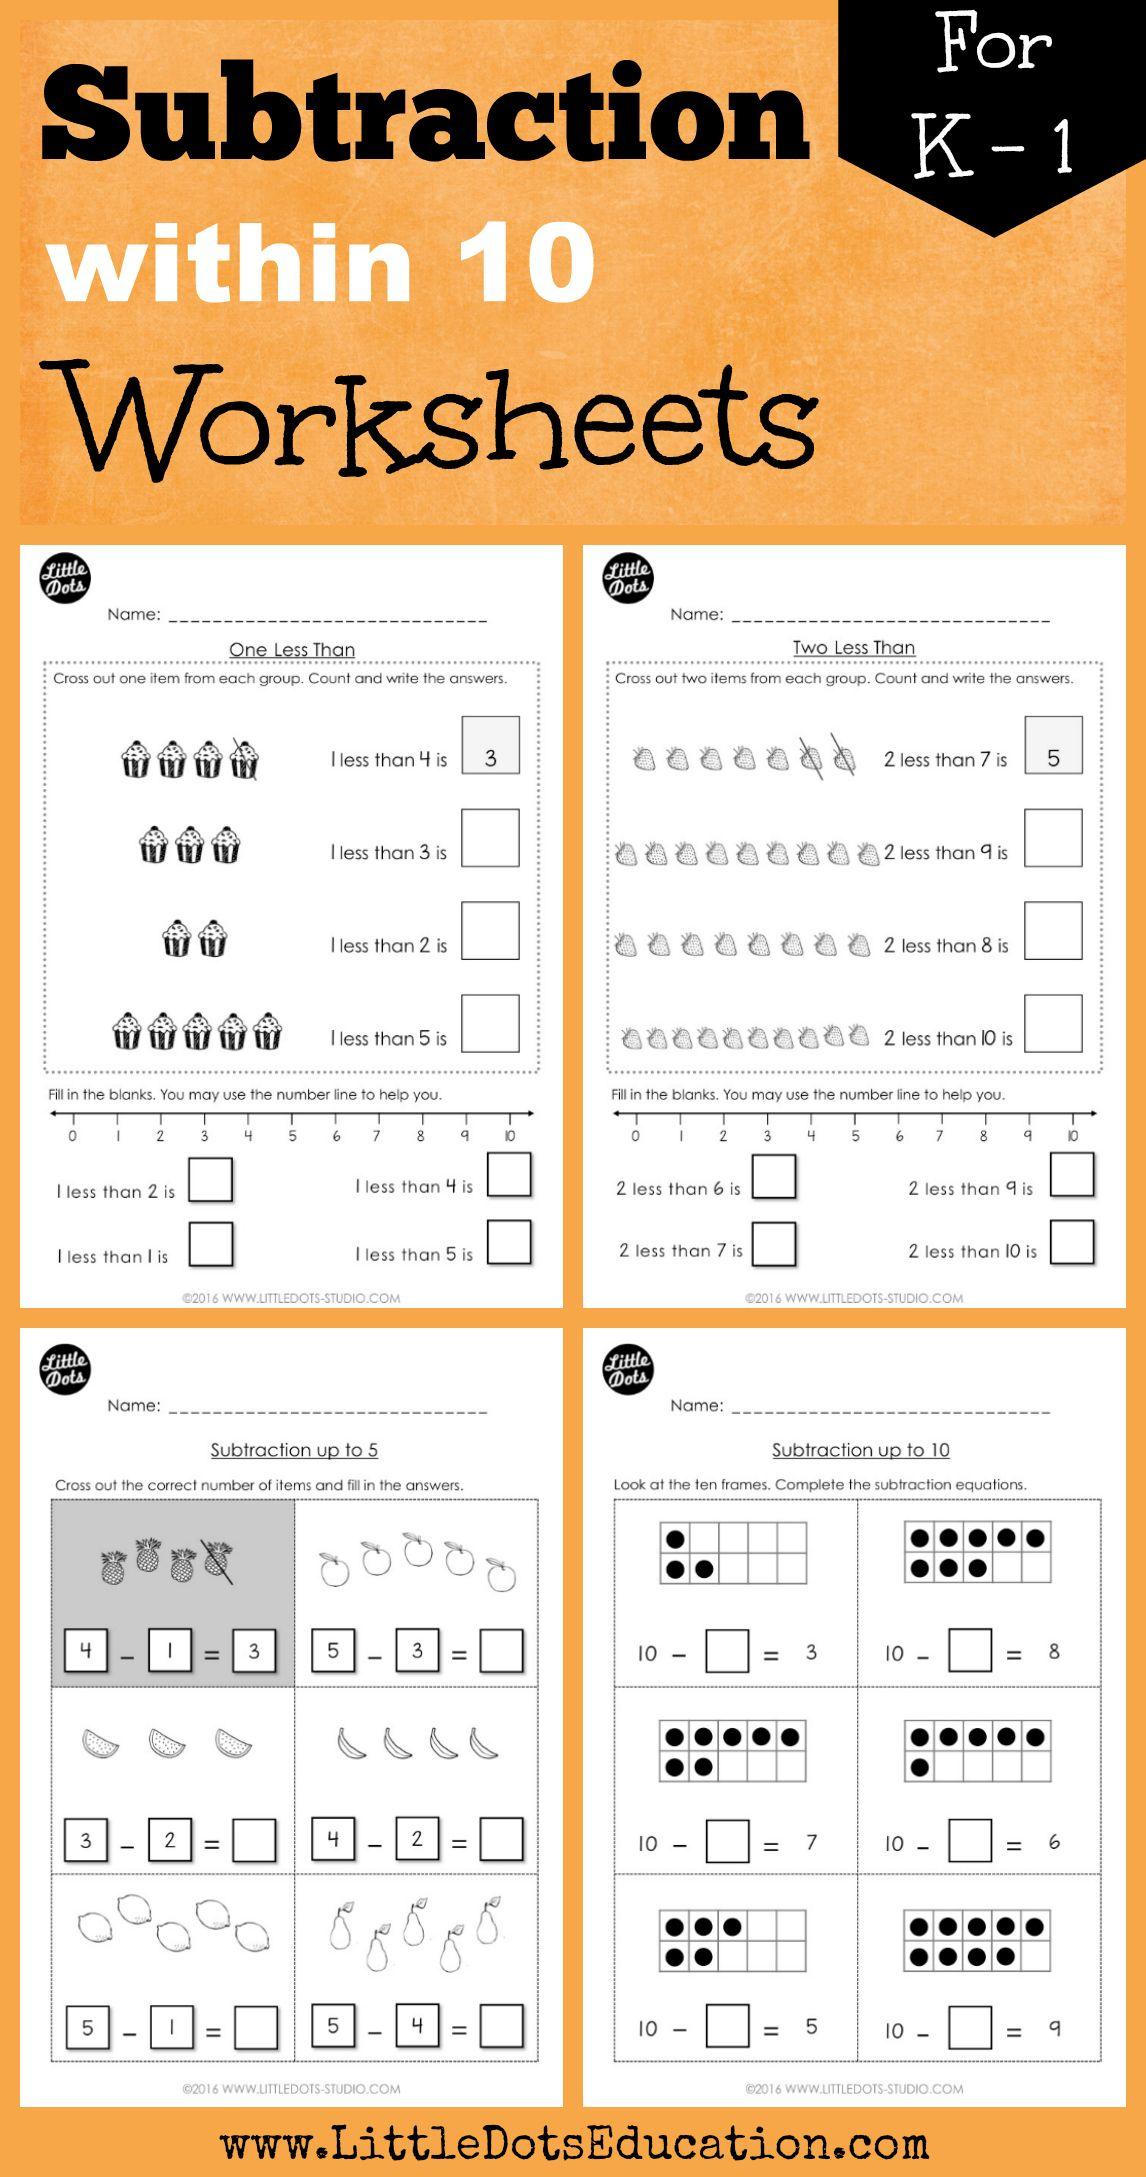 Kindergarten Subtraction Worksheets And Activities With